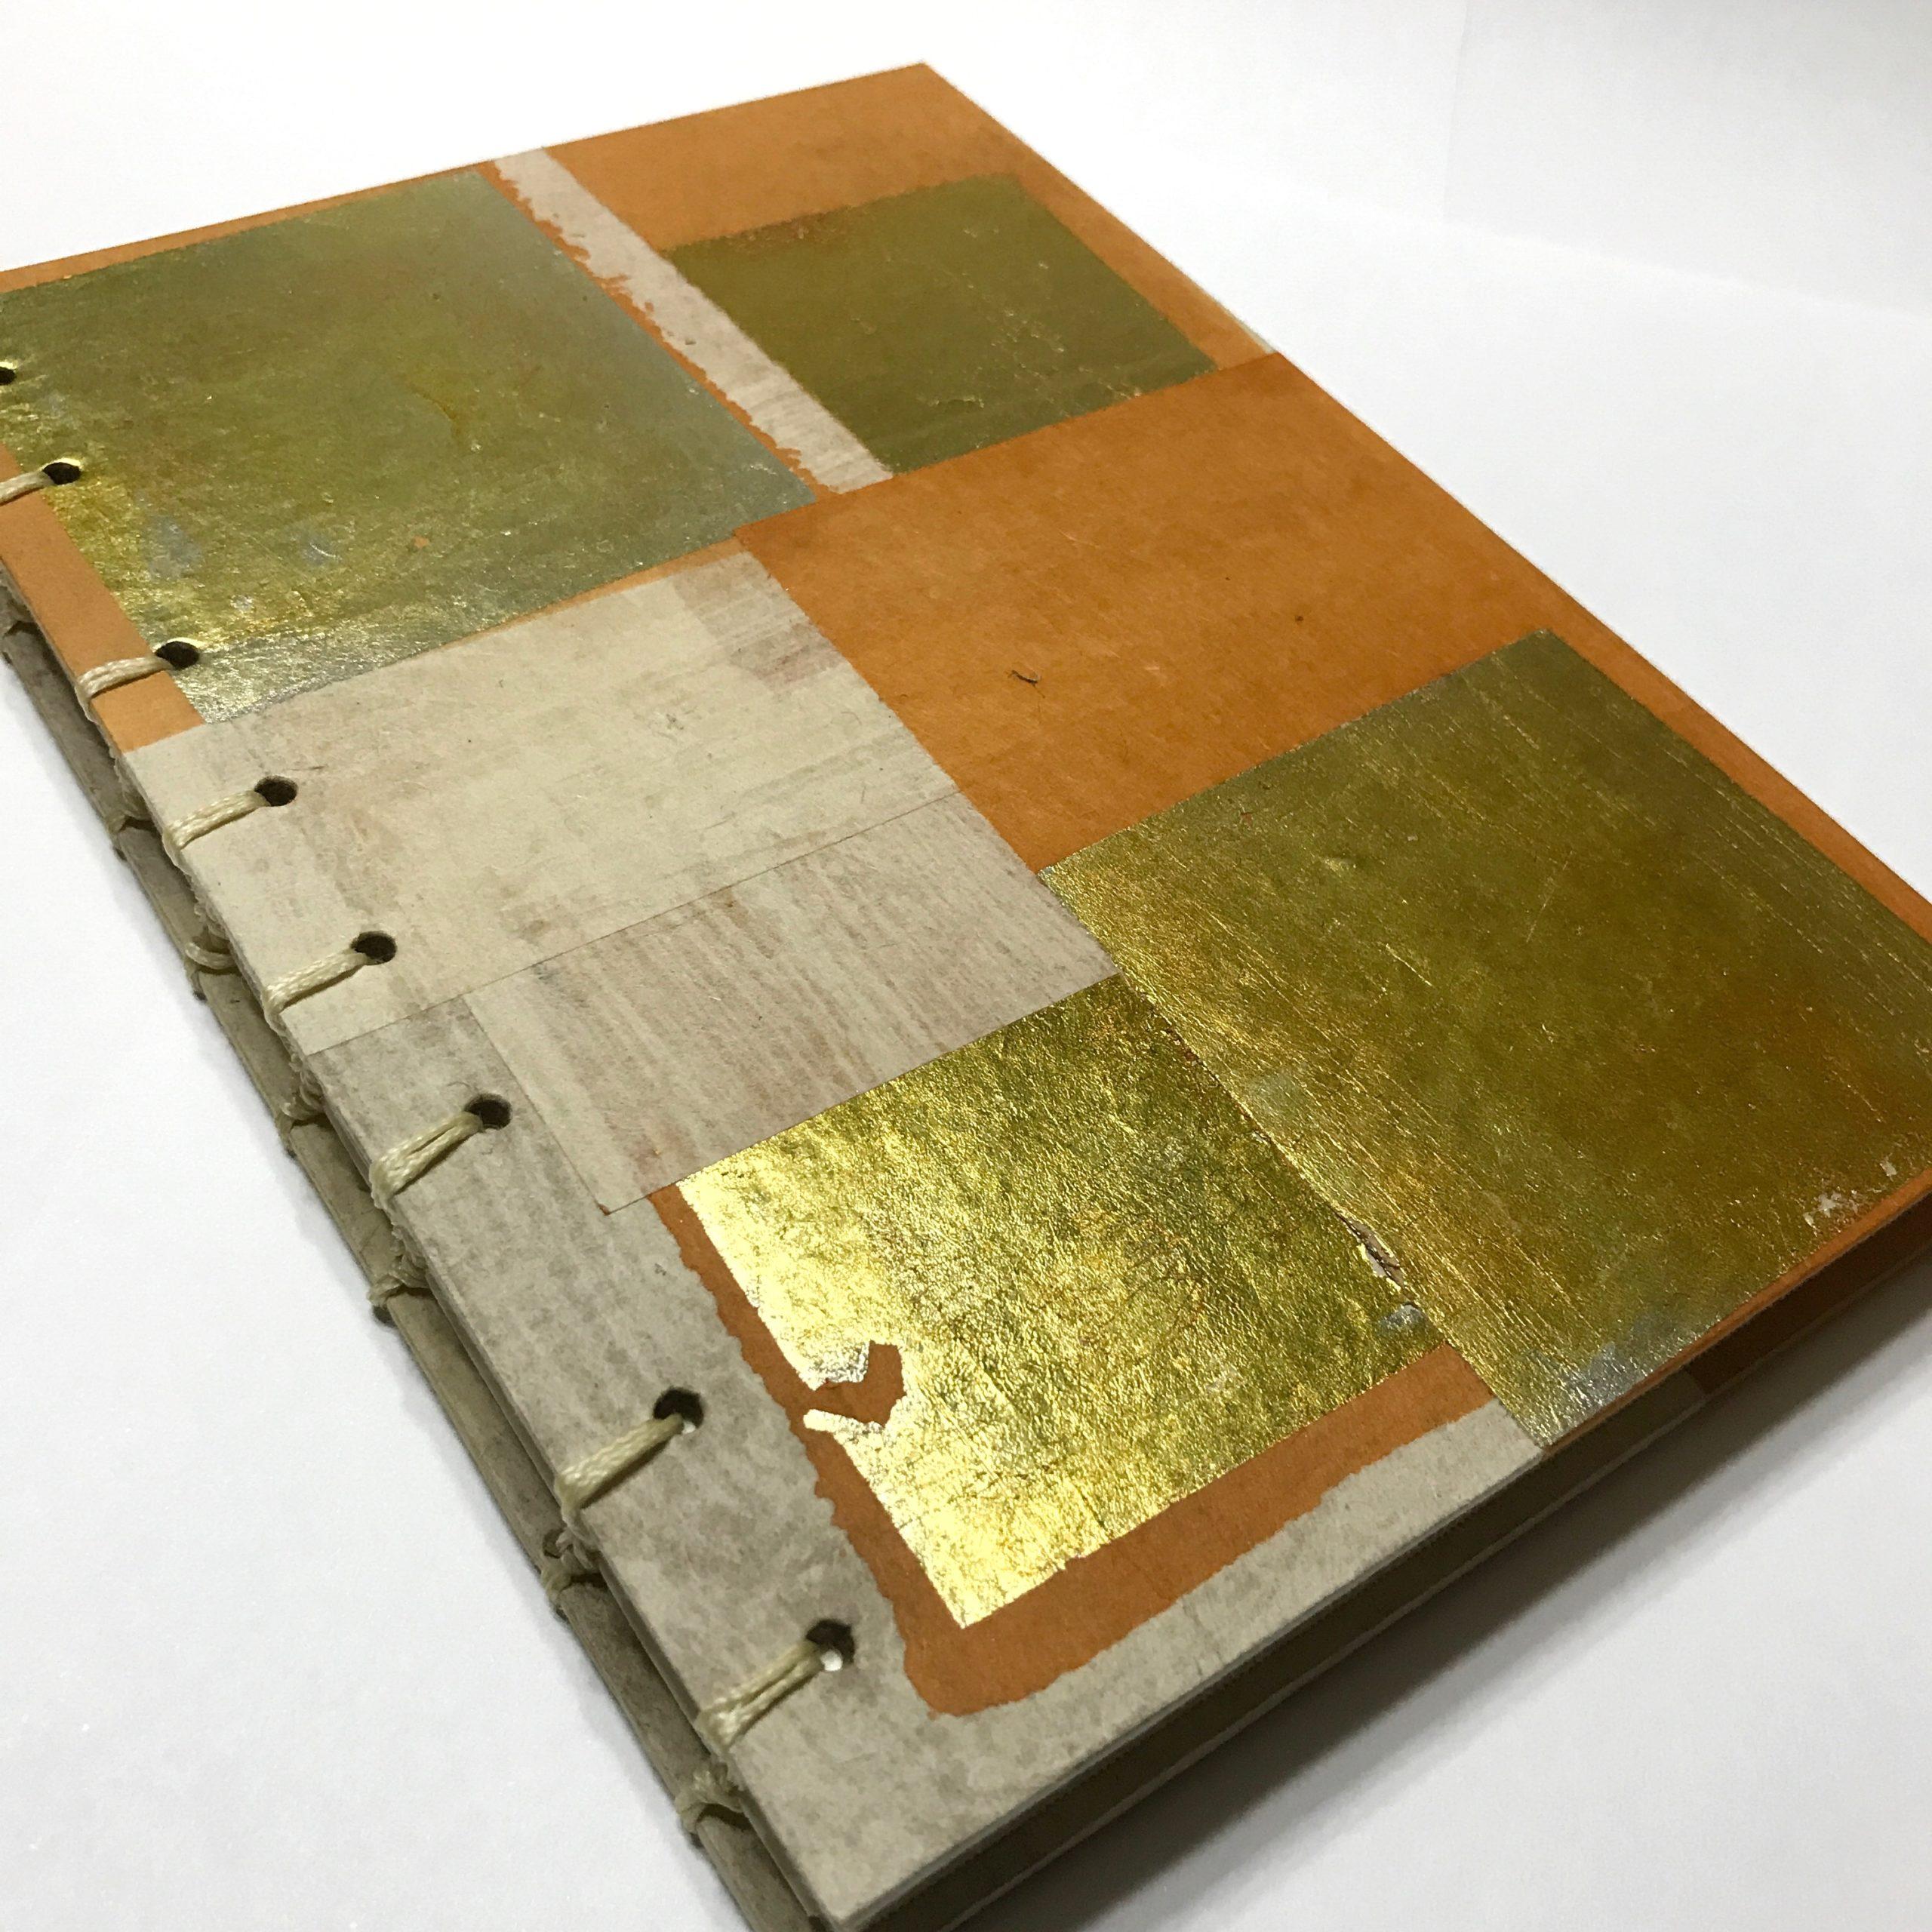 Cover of sketchbook with gold leaf and orange design